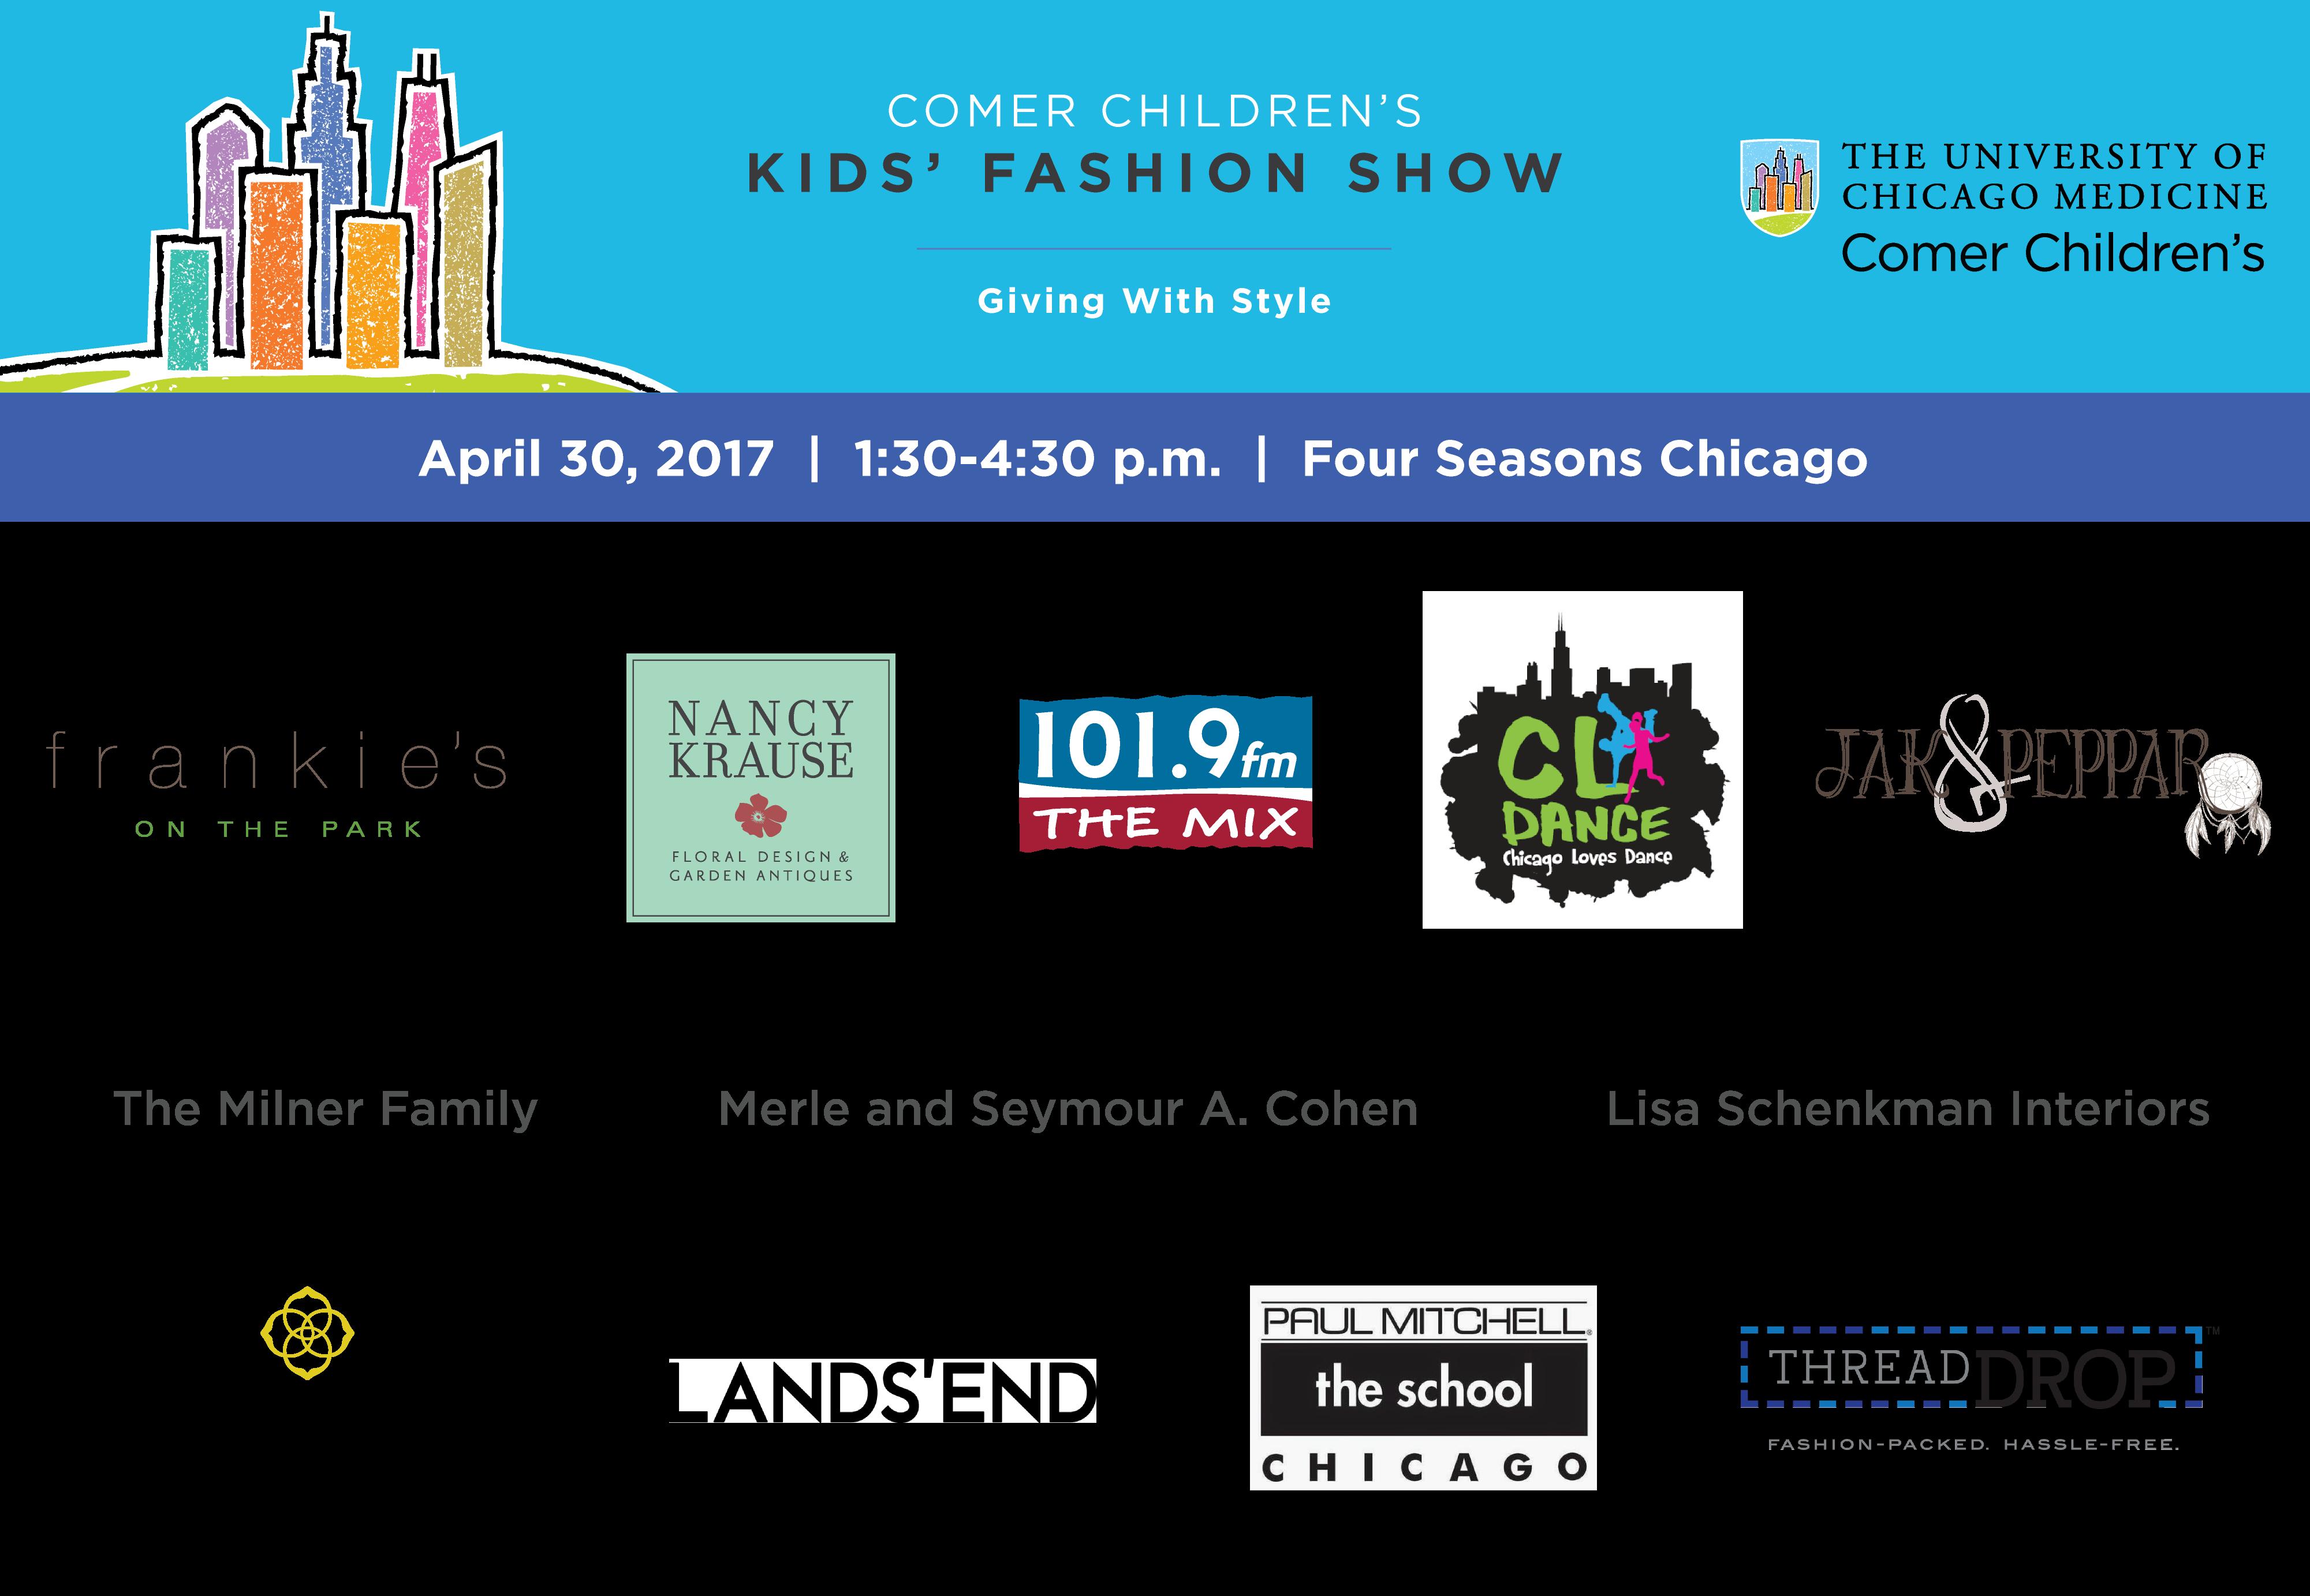 Comer Children's Kids' Fashion Show